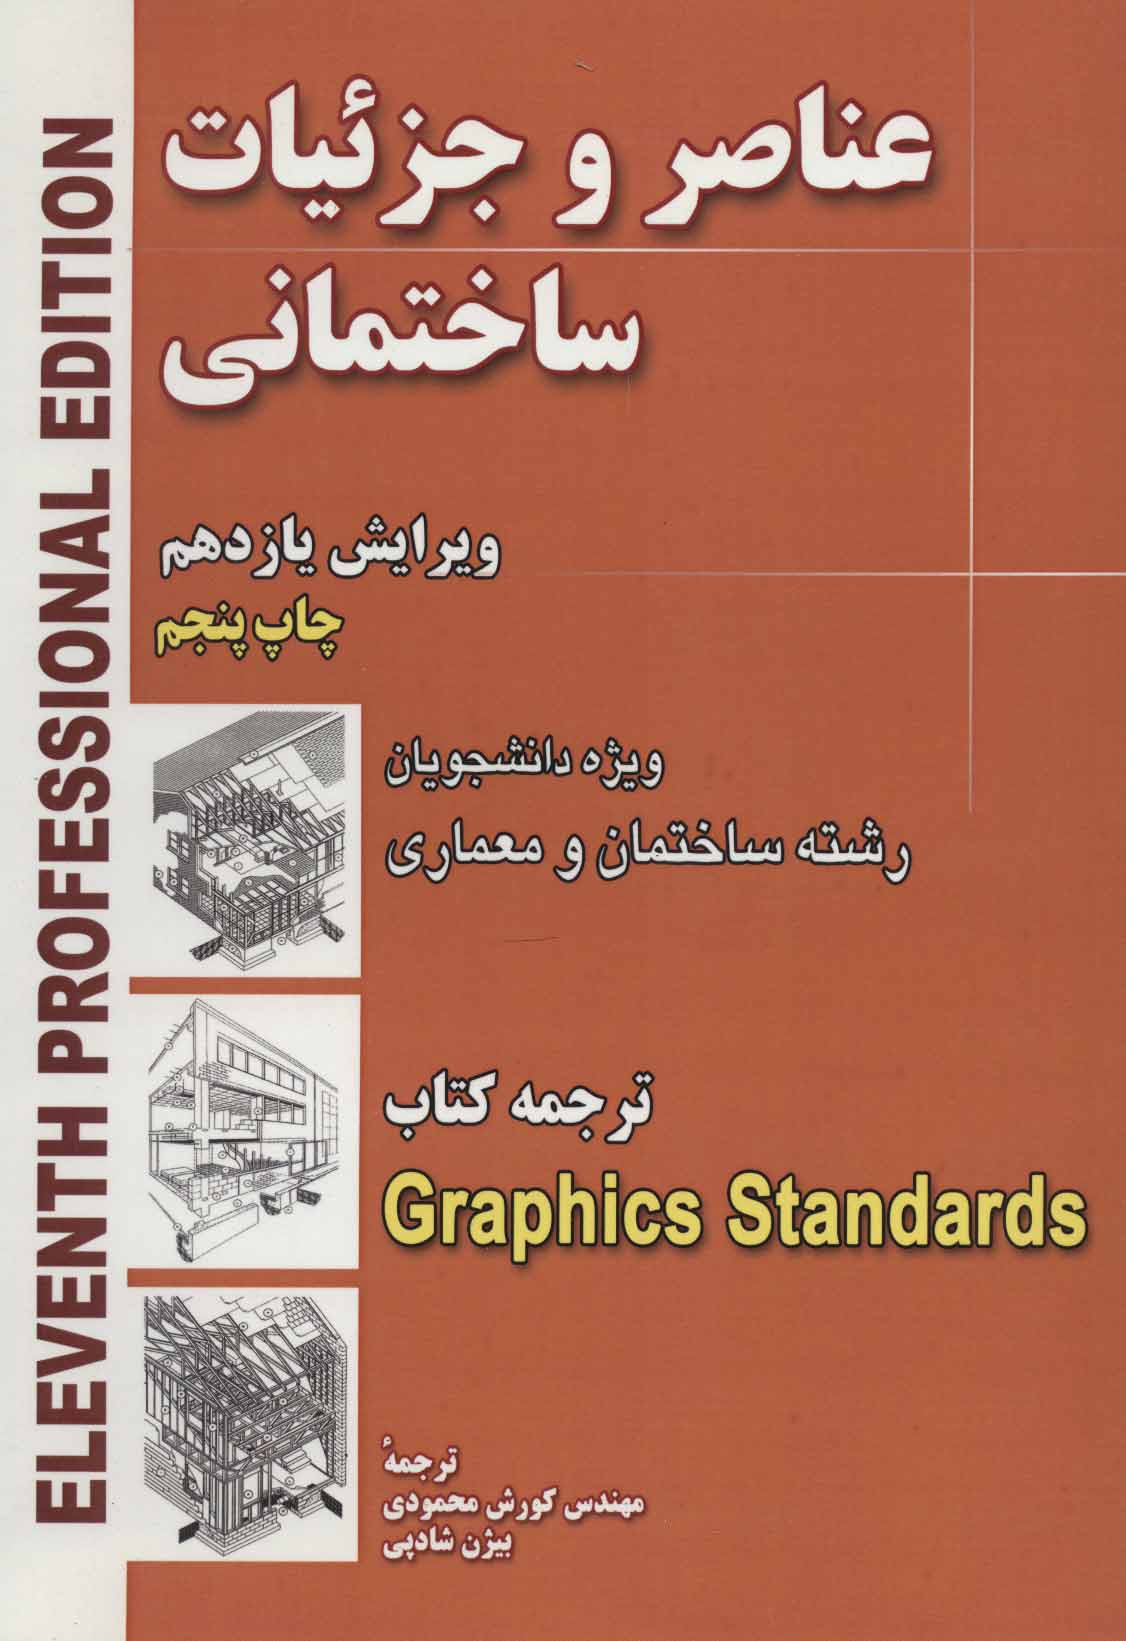 کتاب عناصر و جزئیات ساختمانی ویژه: دانشجویان رشتههای ساختمان و معماری